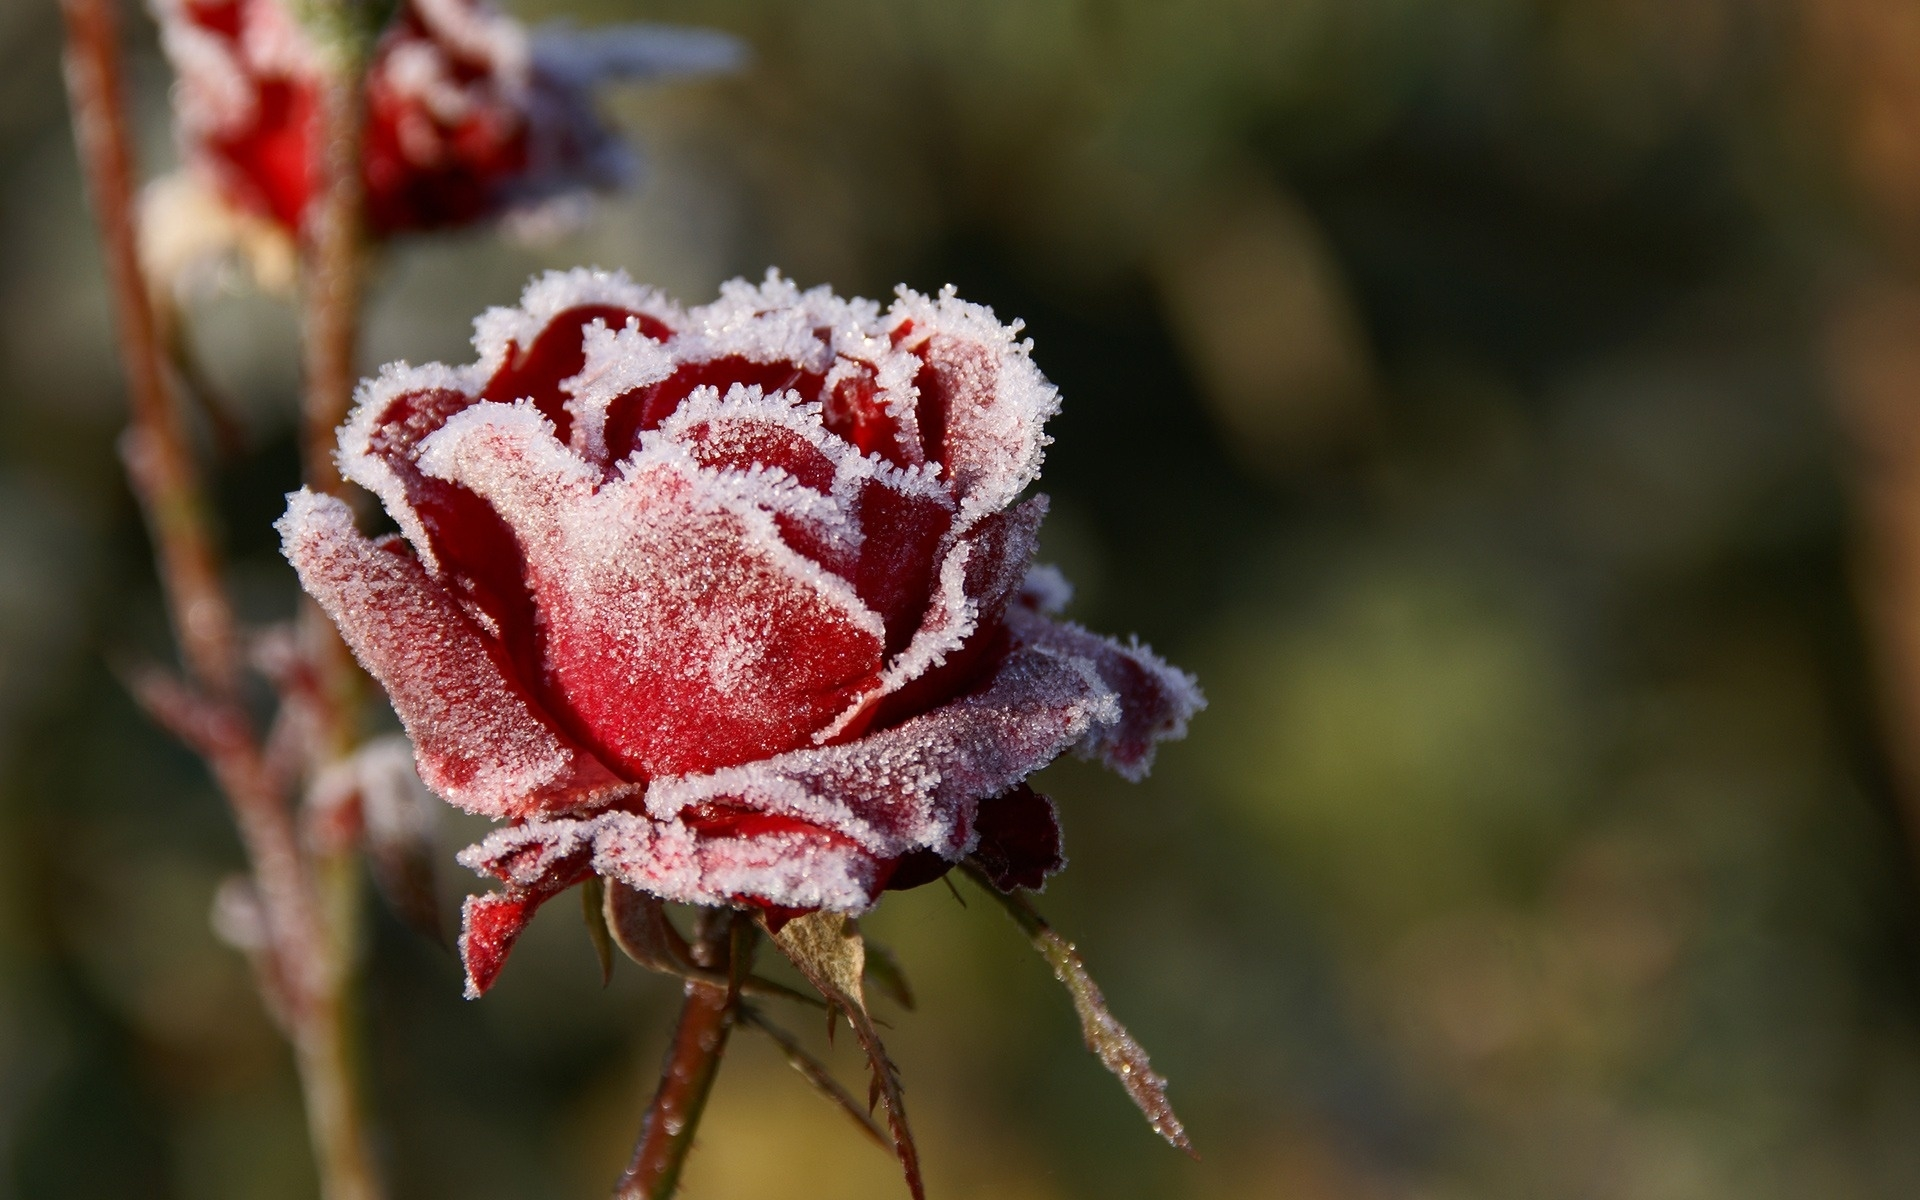 Цветы на снегу картинки с подписями, картинки гуляем маленькие